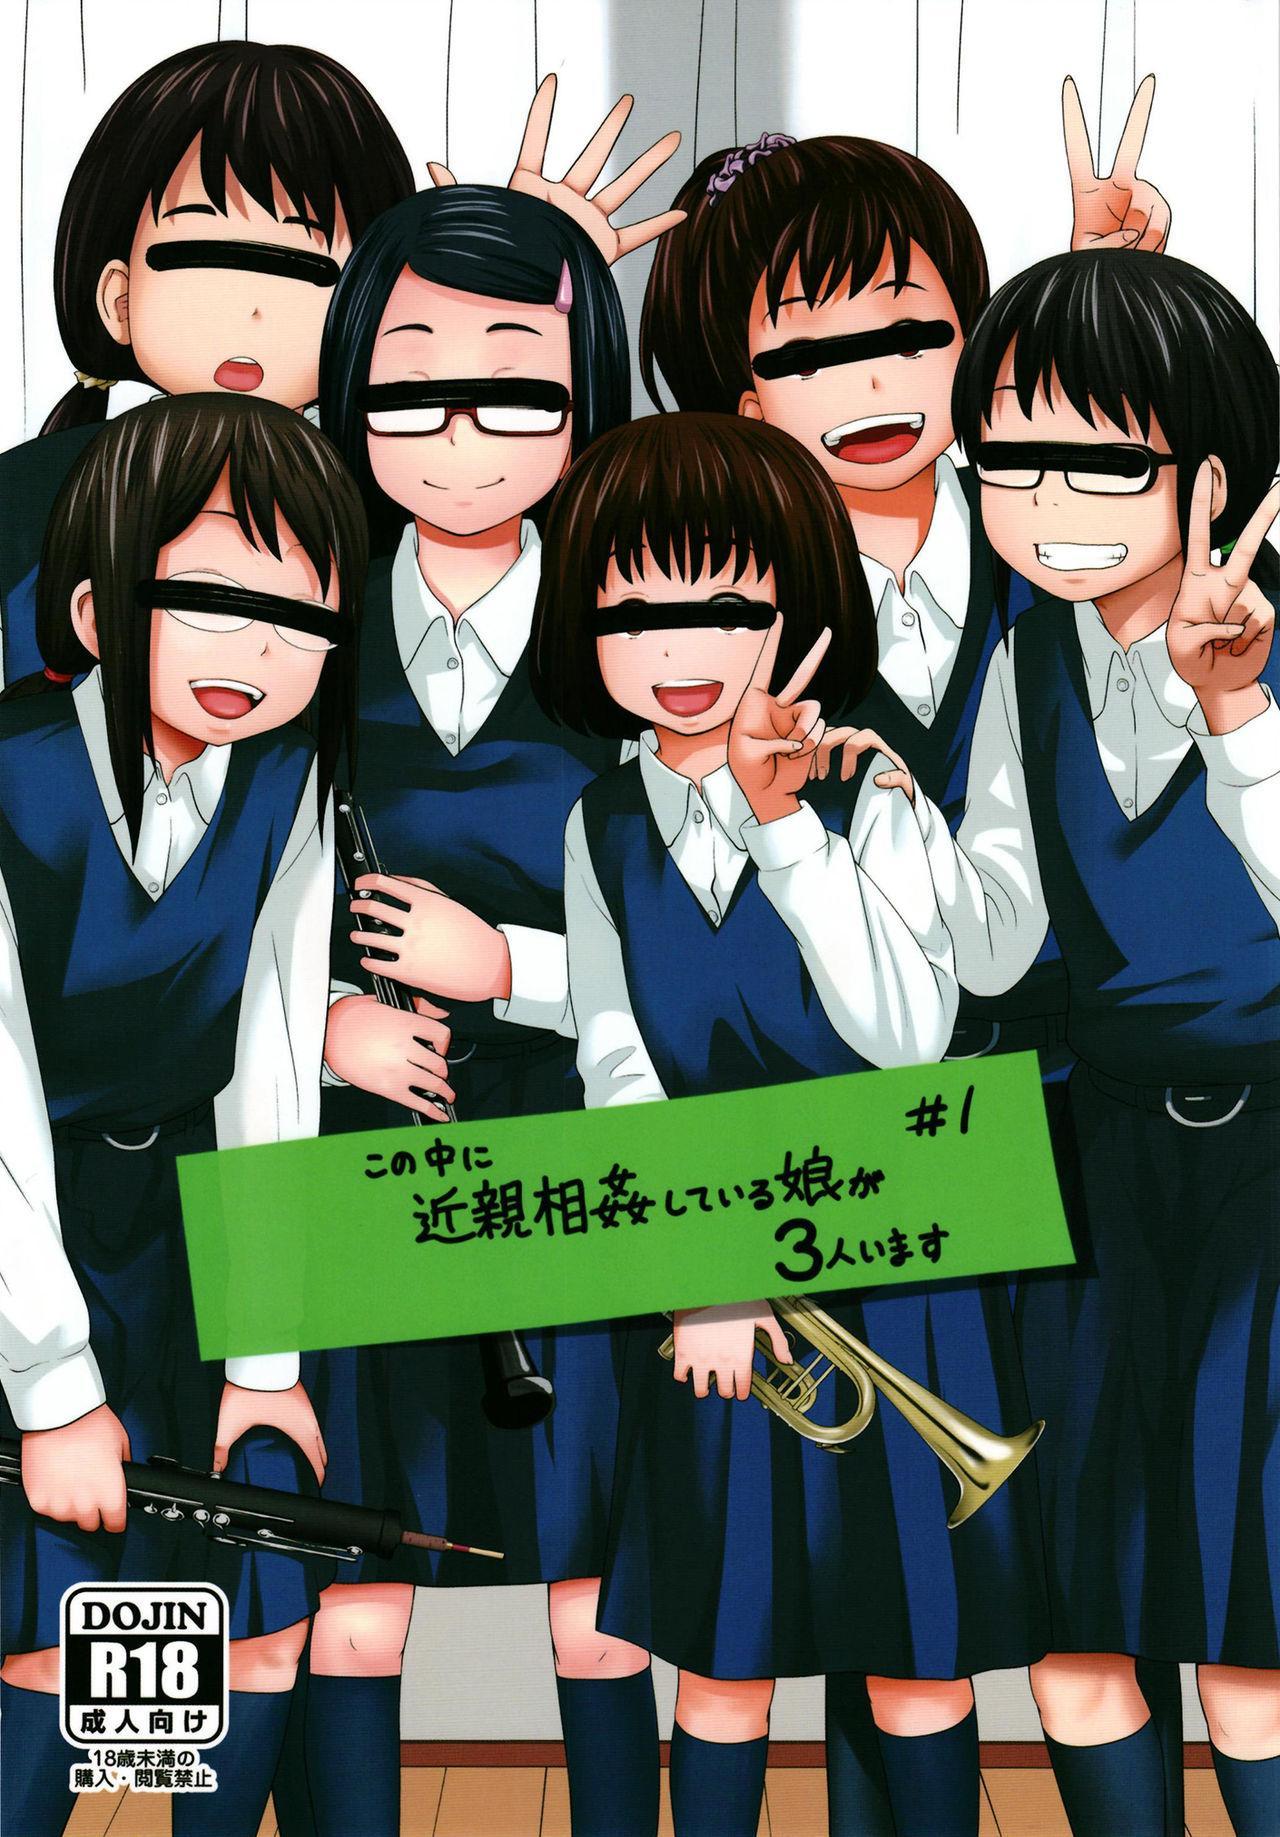 Kono Naka ni Kinshin Soukan Shiteiru Musume ga 3-nin Imasu #1 0